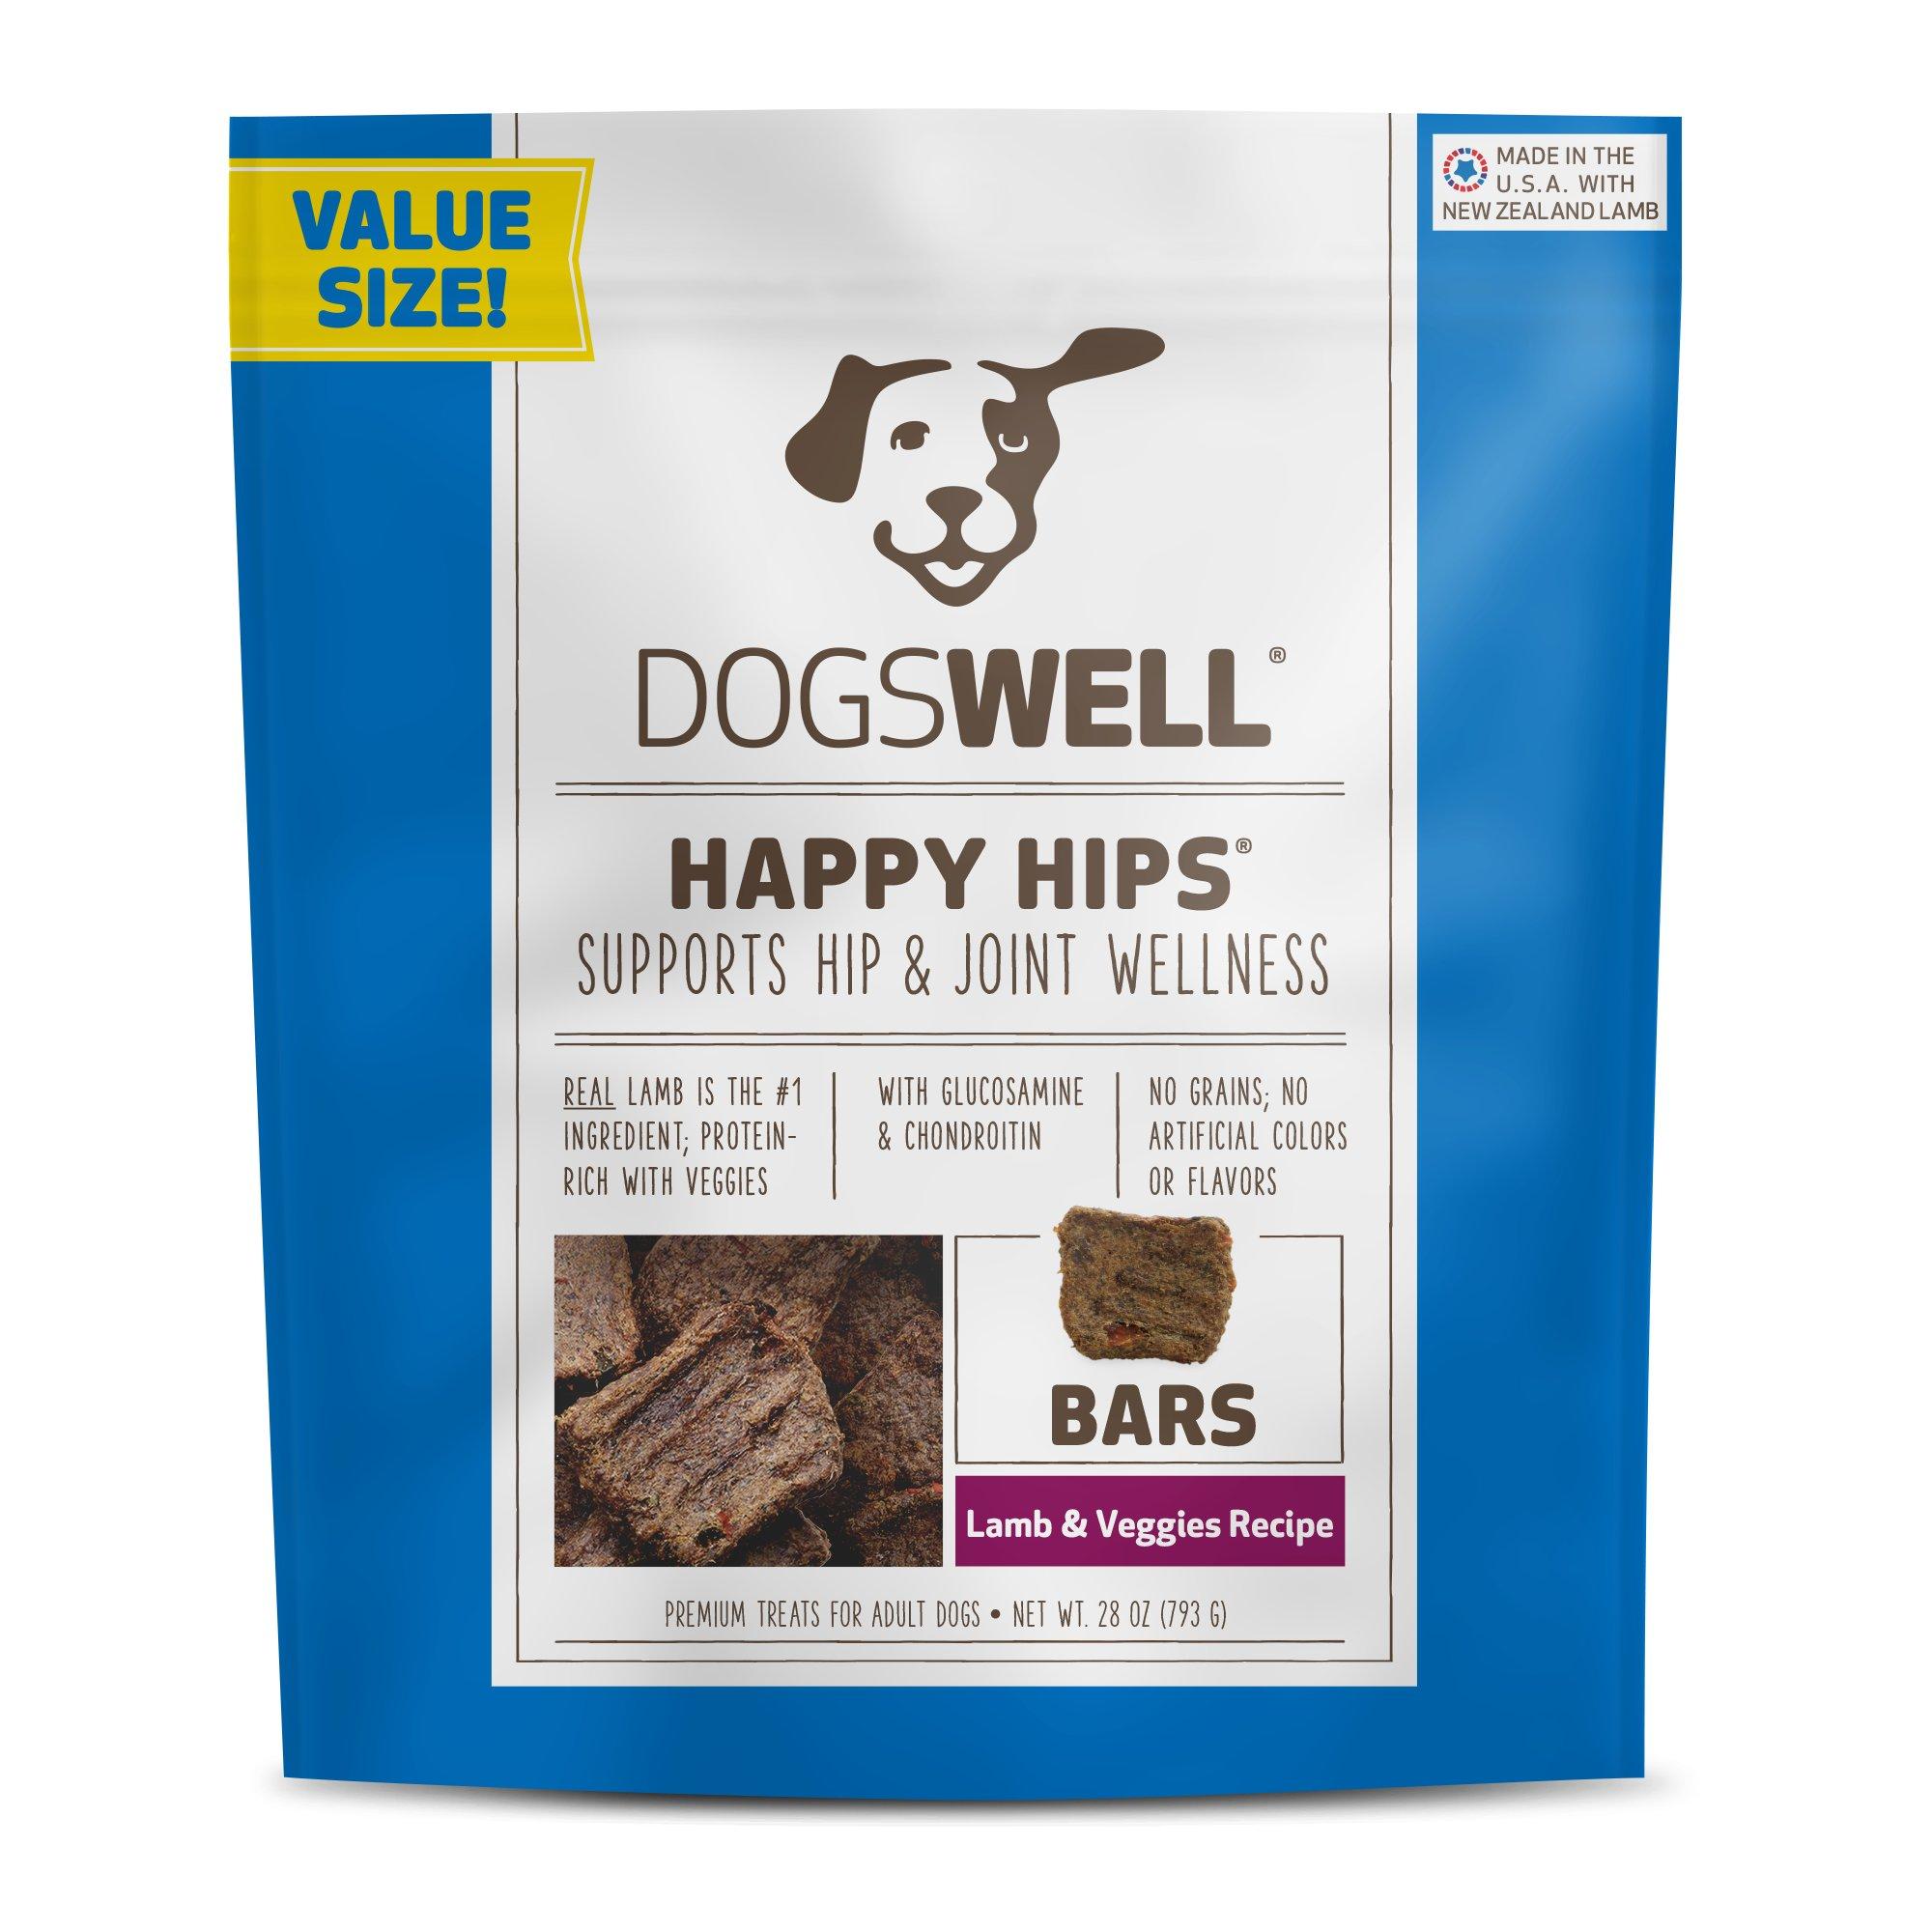 Dogswell Happy Hips Bars Lamb & Veggies Dog Treats